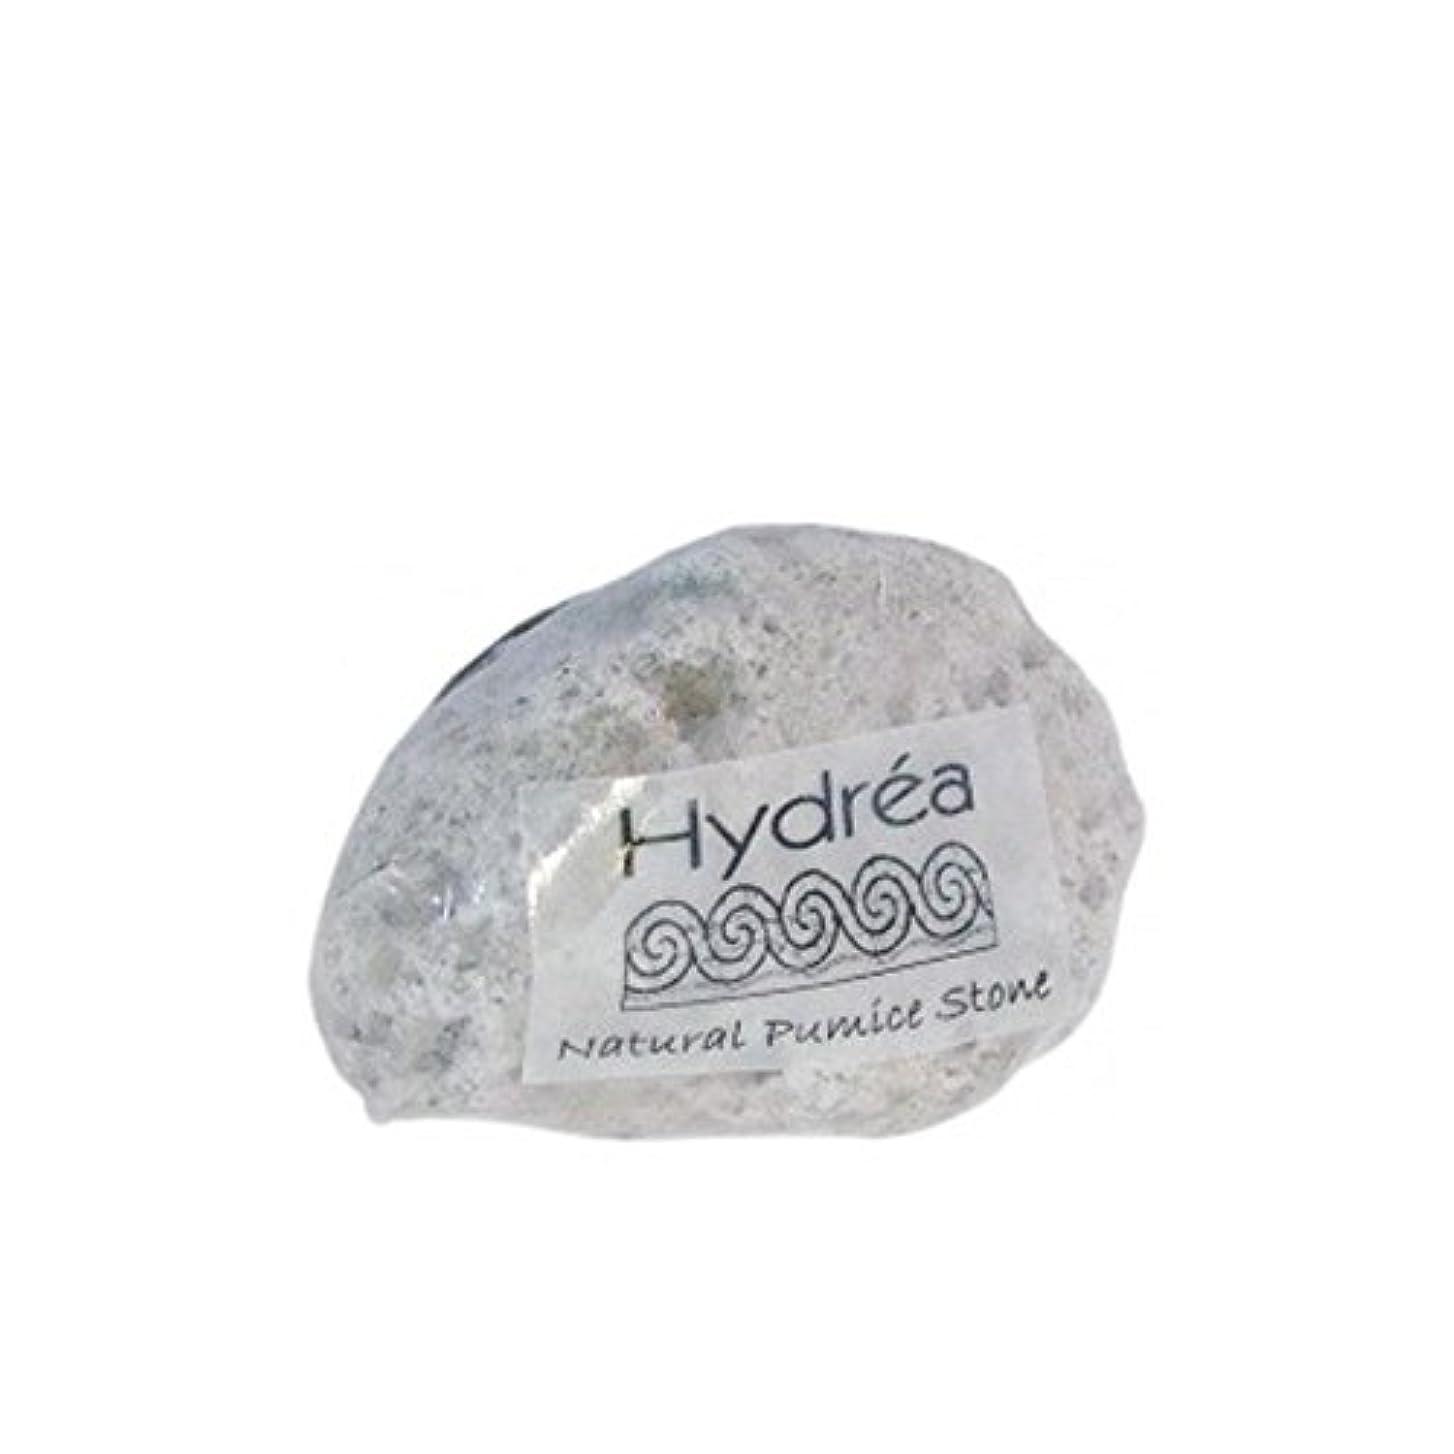 不利コンドーム触手ハイドレアロンドン - 自然軽石 x2 - Hydrea London - Natural Pumice Stone (Pack of 2) [並行輸入品]